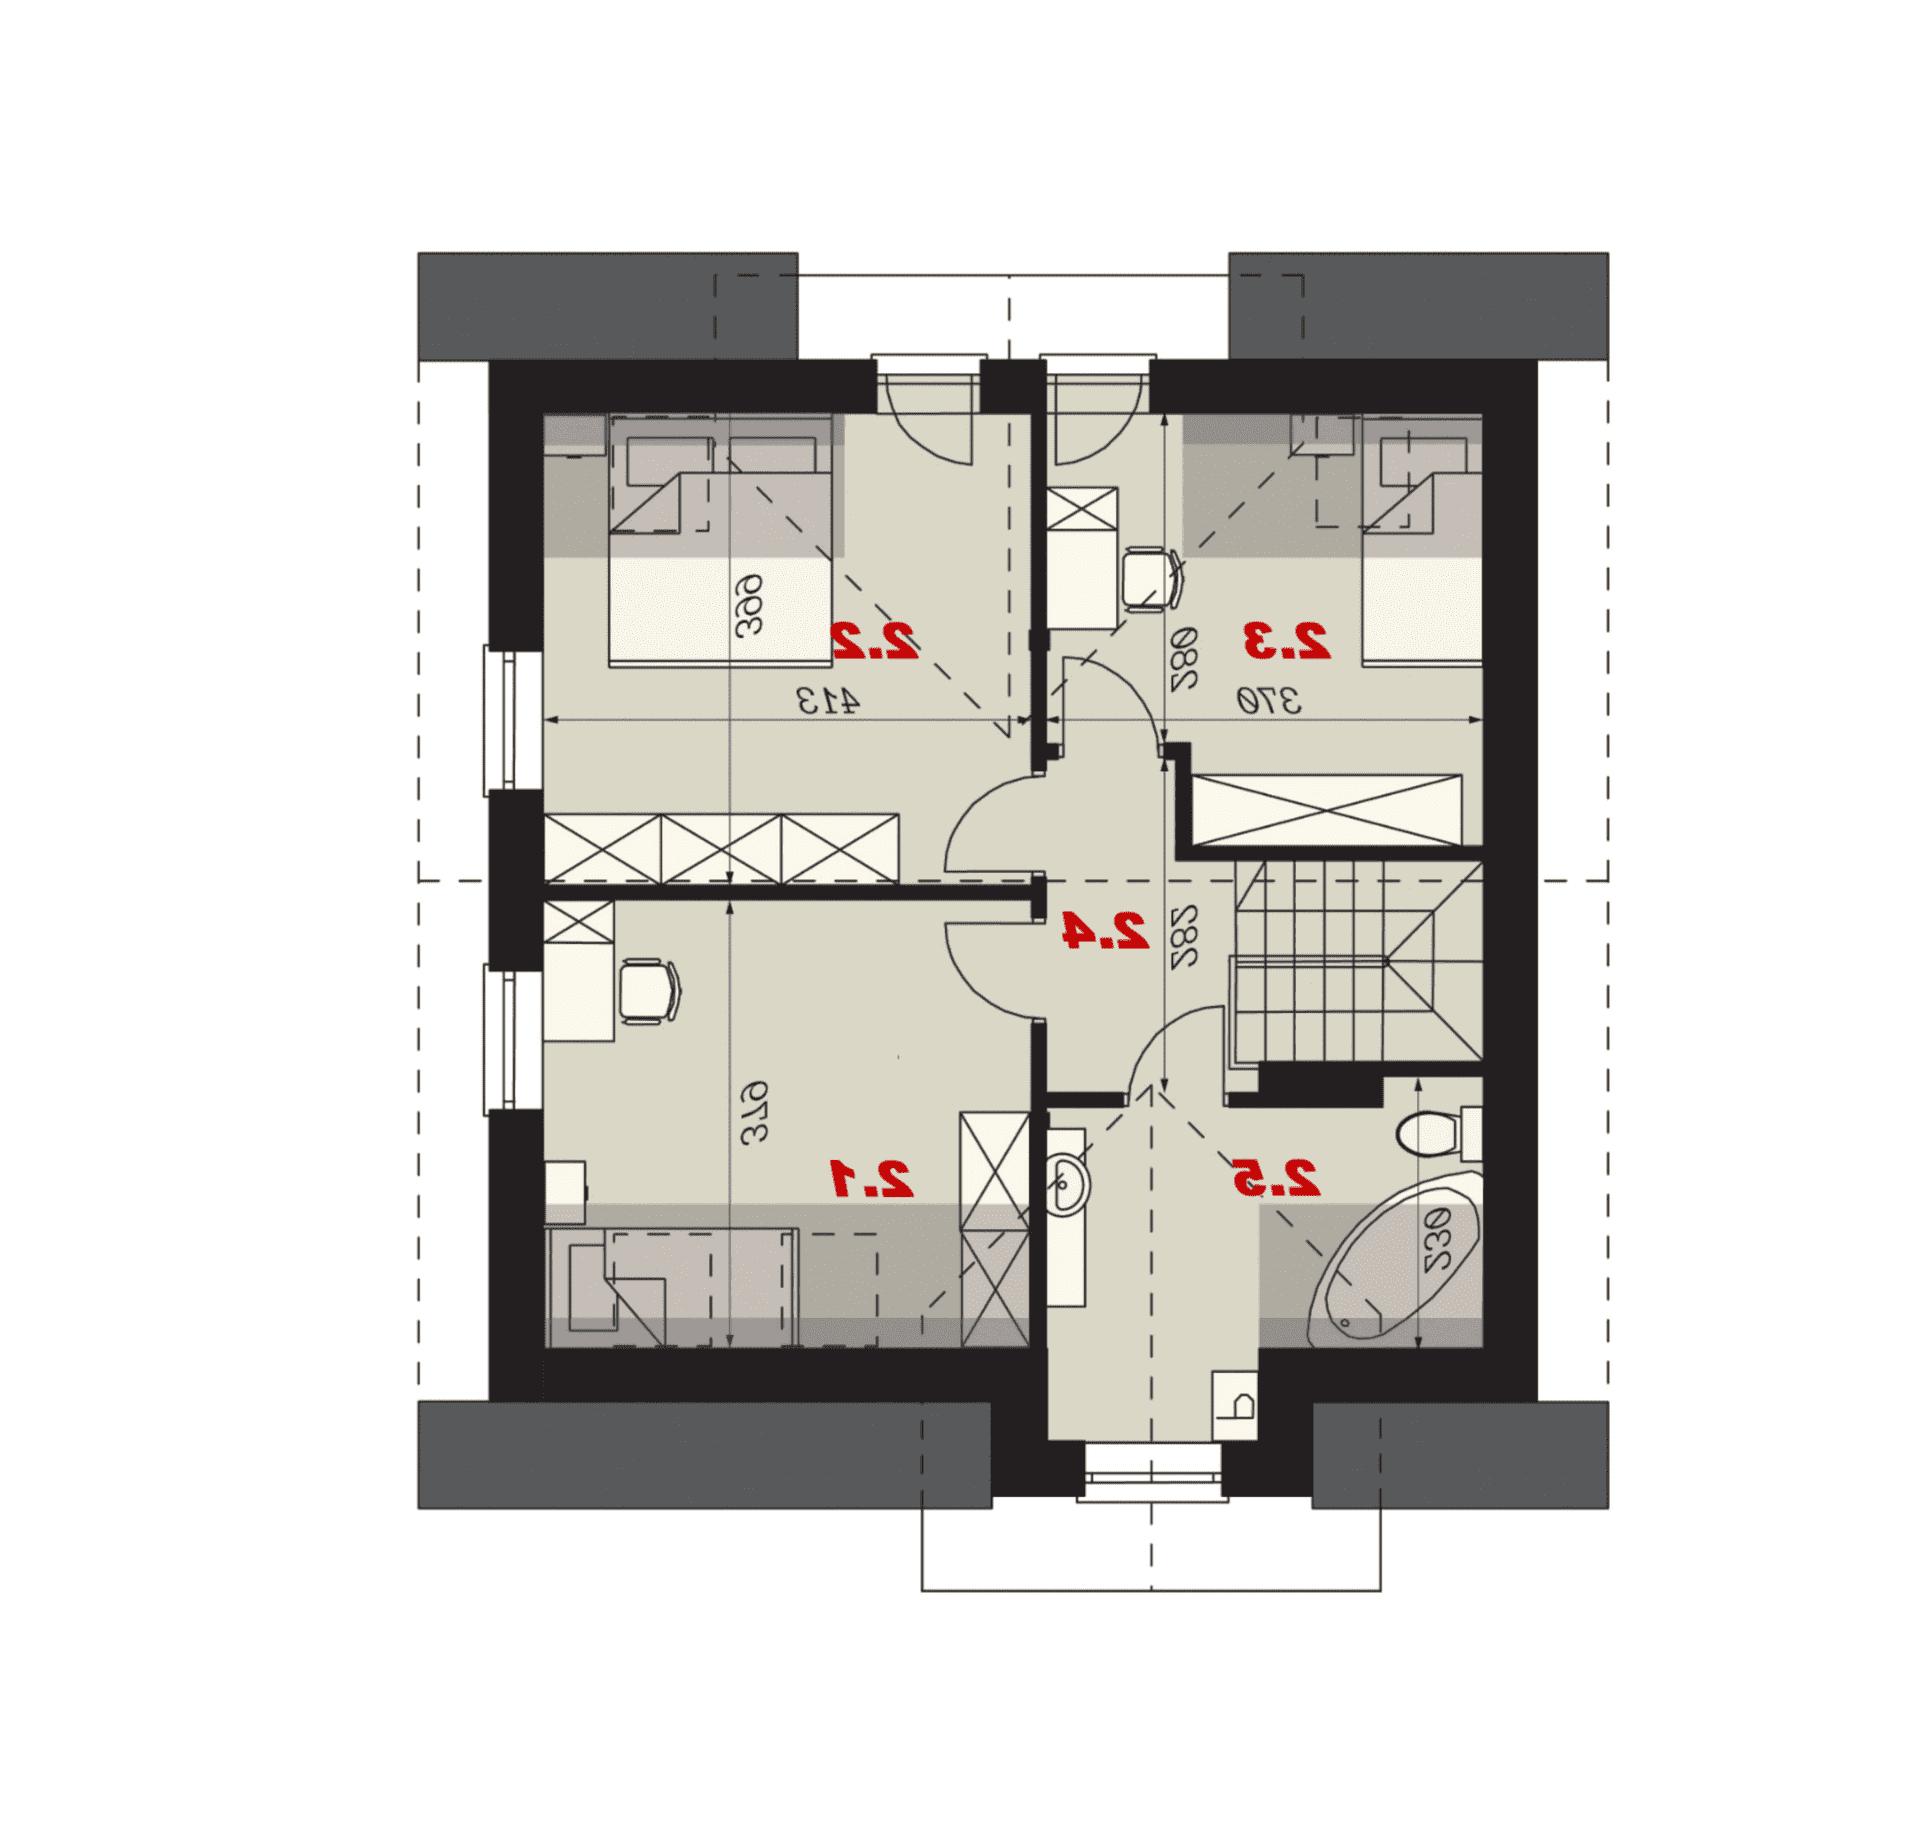 Rzut poddasza - projekt domu SEJ-PRO 001 ENERGO - odbicie lustrzane